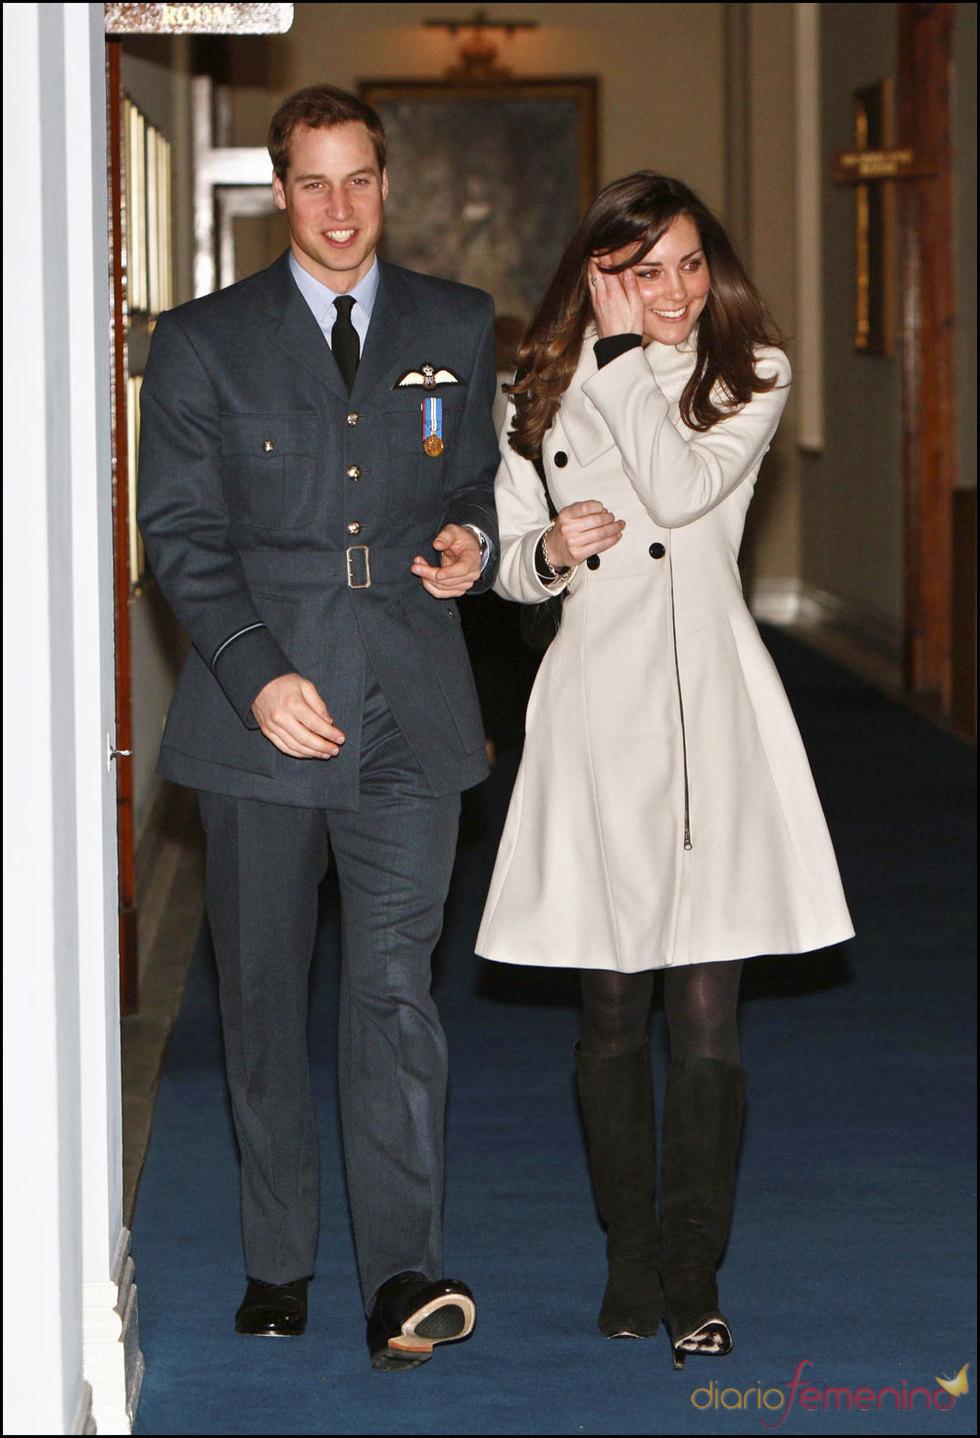 Kate Middleton en la graduación en la RAF de Guillermo de Inglaterra